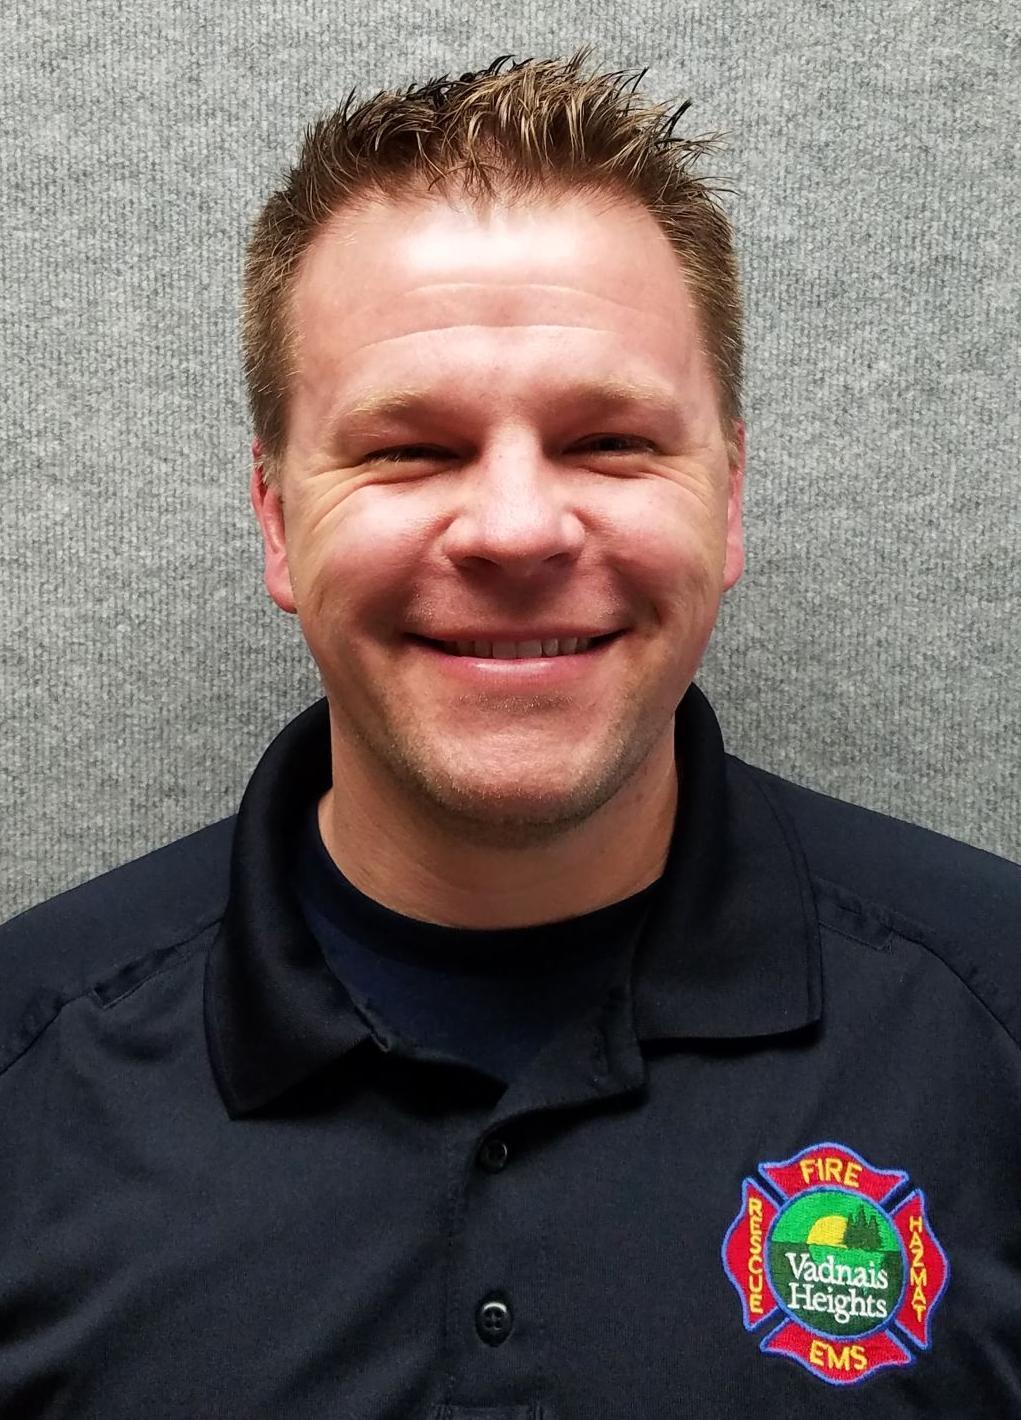 Vadnais Heights firefighter